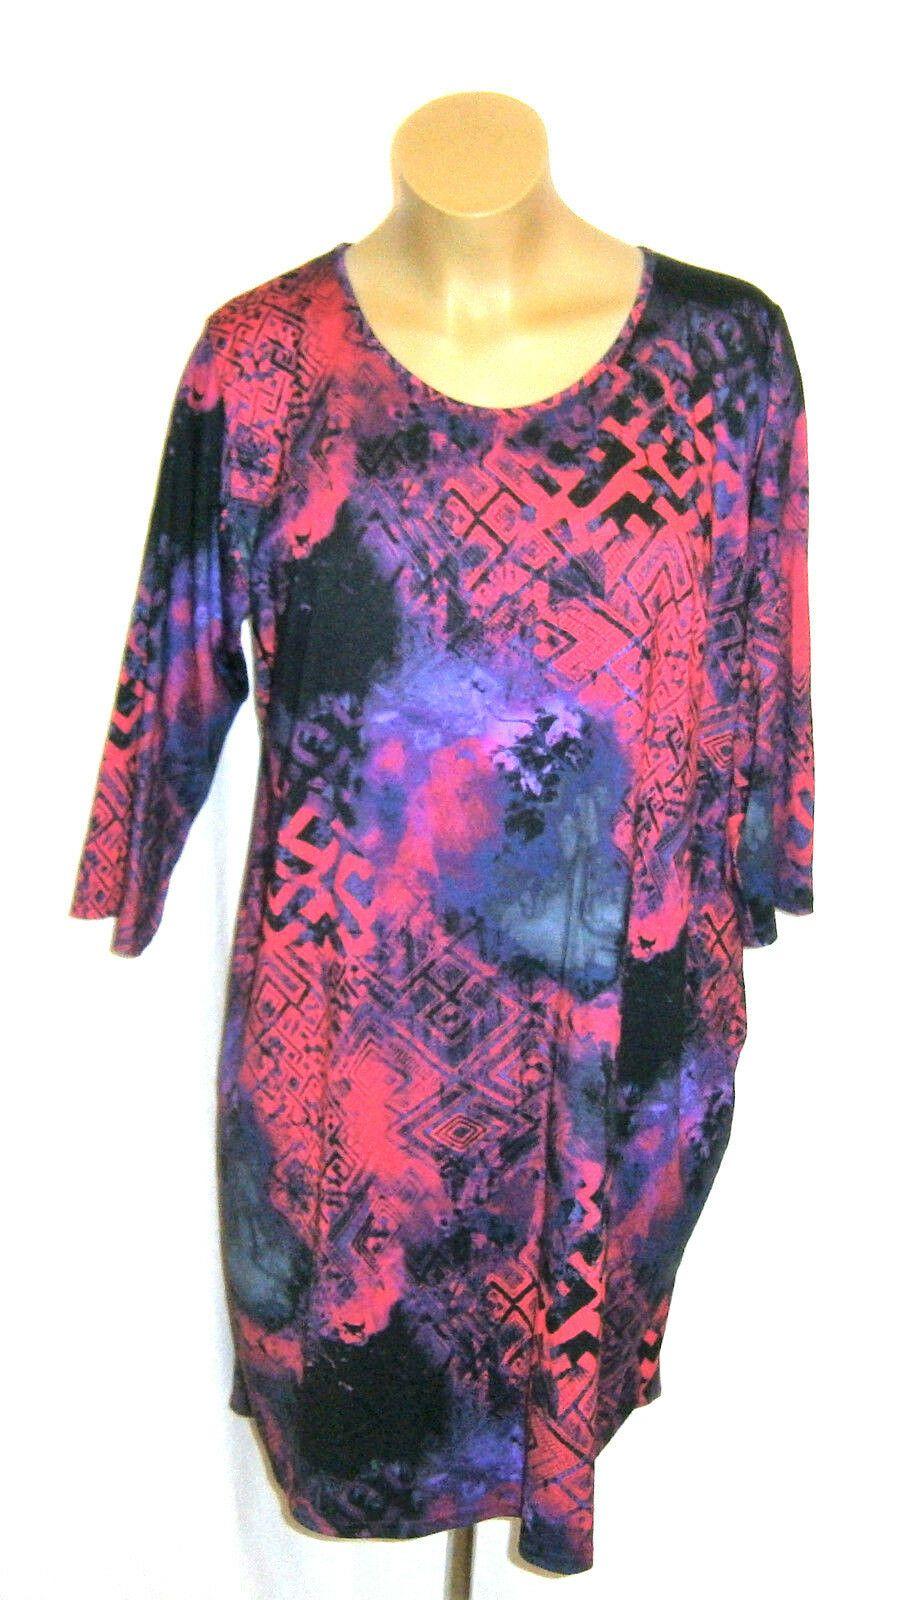 Ophilia: Kleid pink/lila/schwarz 17/17 Arm Gr. 17 (178 170 172) anstatt